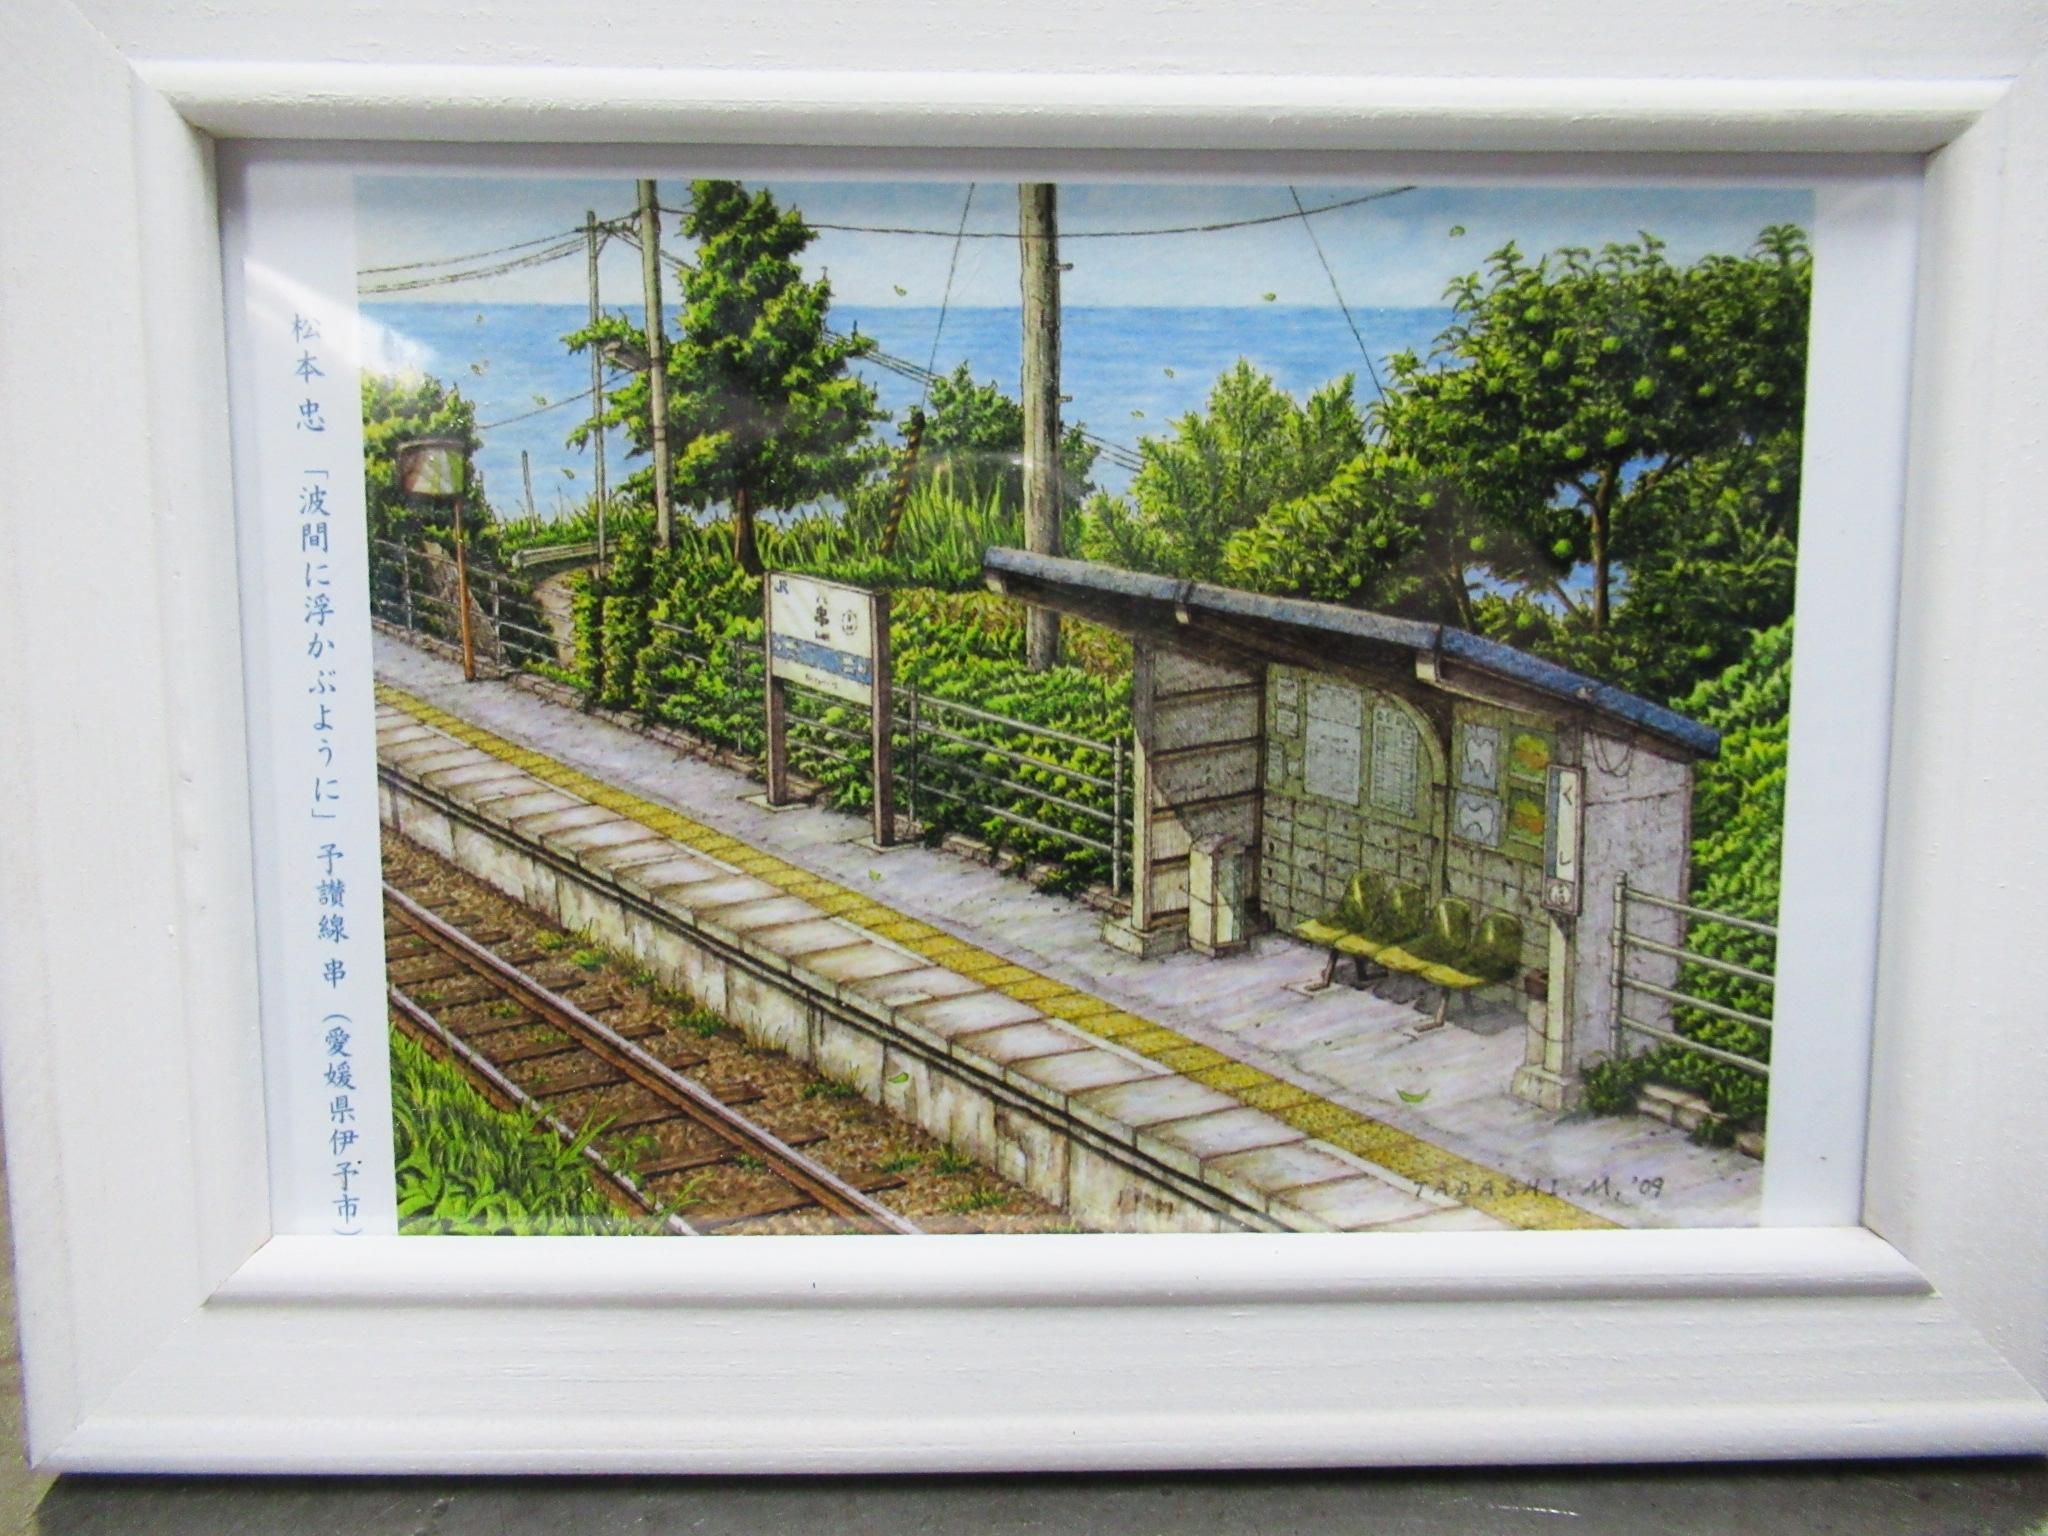 http://www.precious-factory.com/preciousfactory2010/IMG_0085.JPG